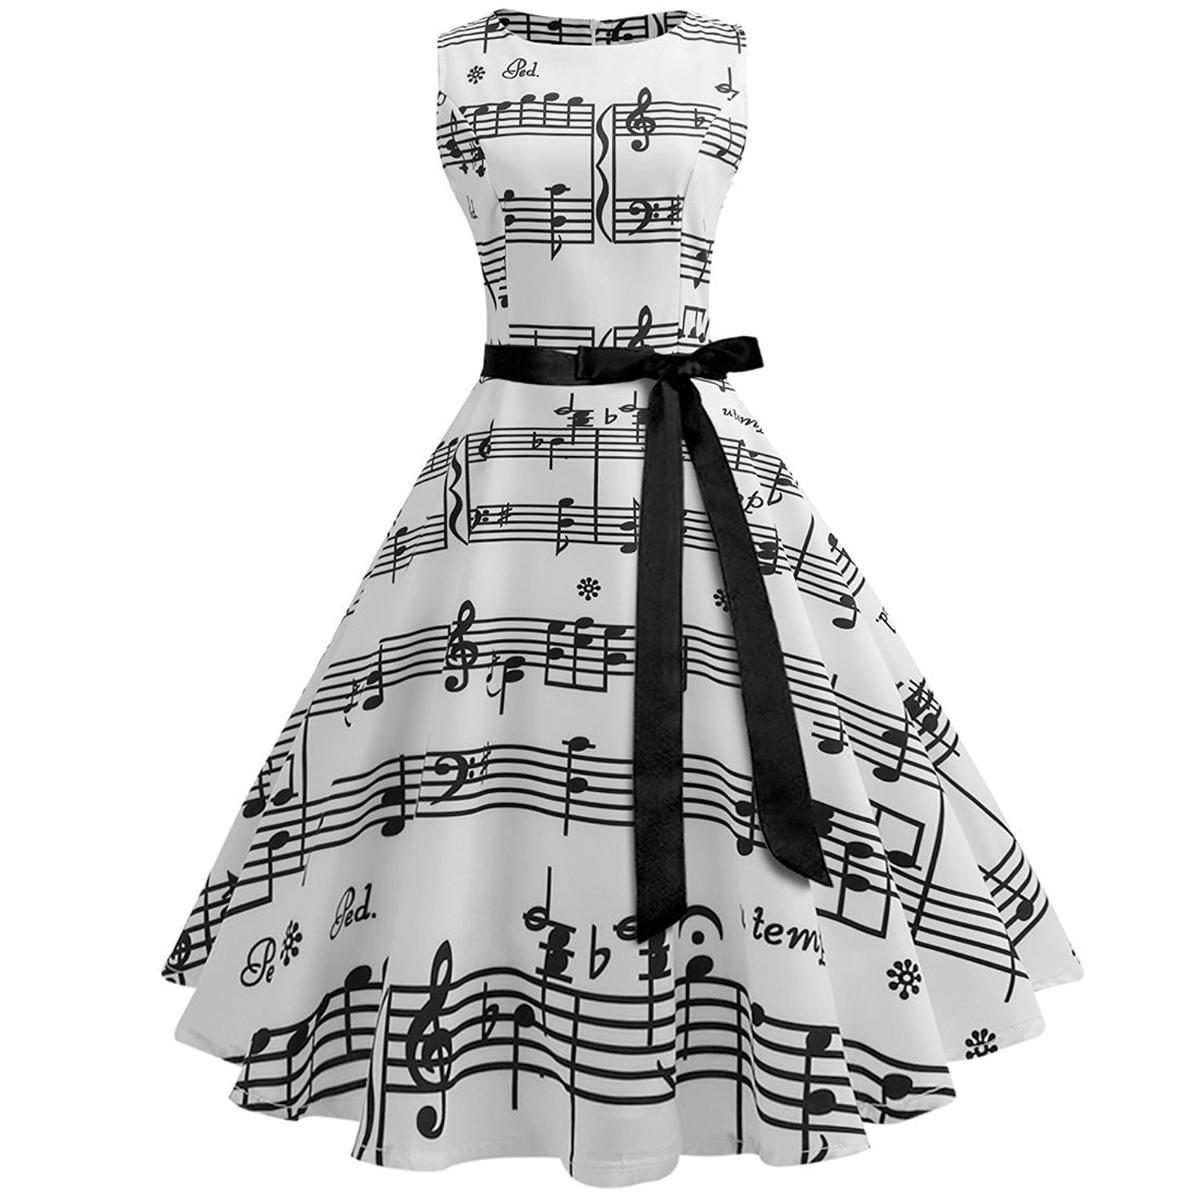 総柄 ドレス 音符 ノースリーブ 白 スウィングドレス 50年代 ヴィンテージ 大人 女性 レディース 音楽 発表会 目立つ 派手